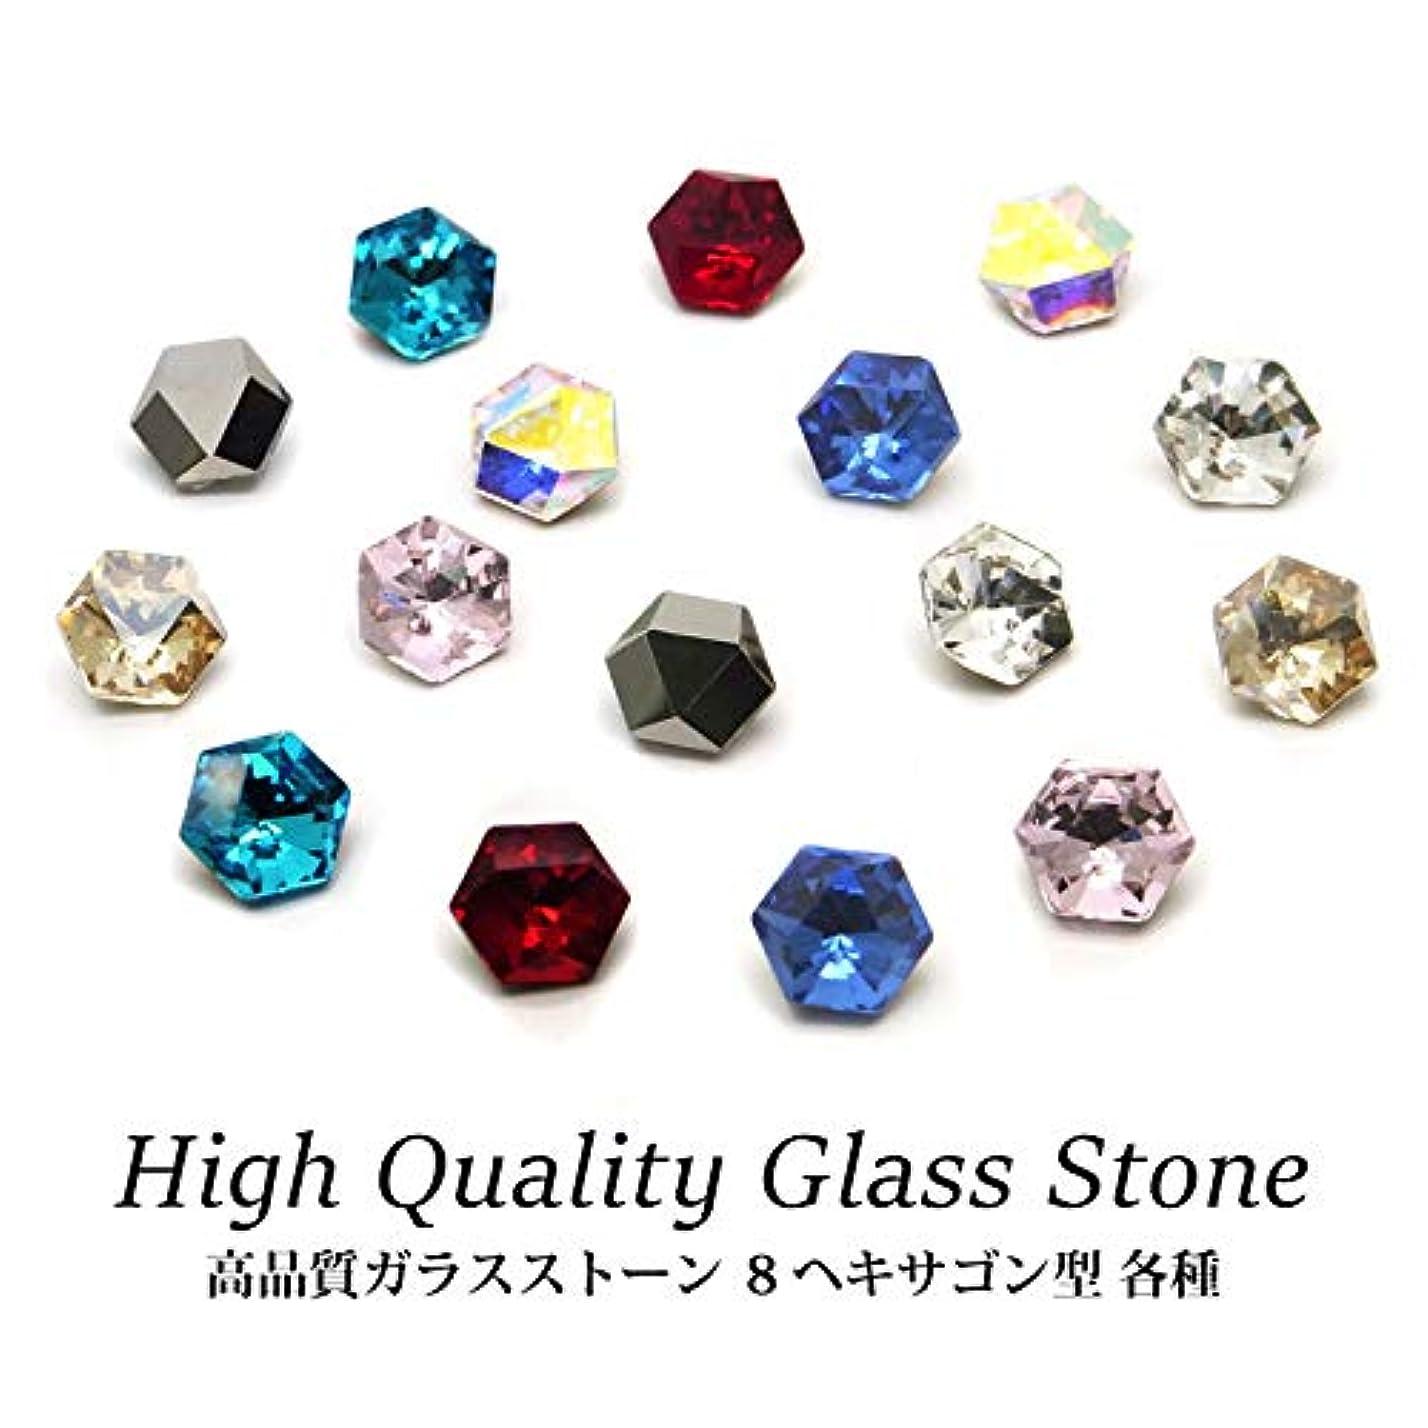 煩わしい楽な獲物高品質 ガラスストーン 8 ヘキサゴン型 各種 3個入り (8.ジェットヘマタイト)